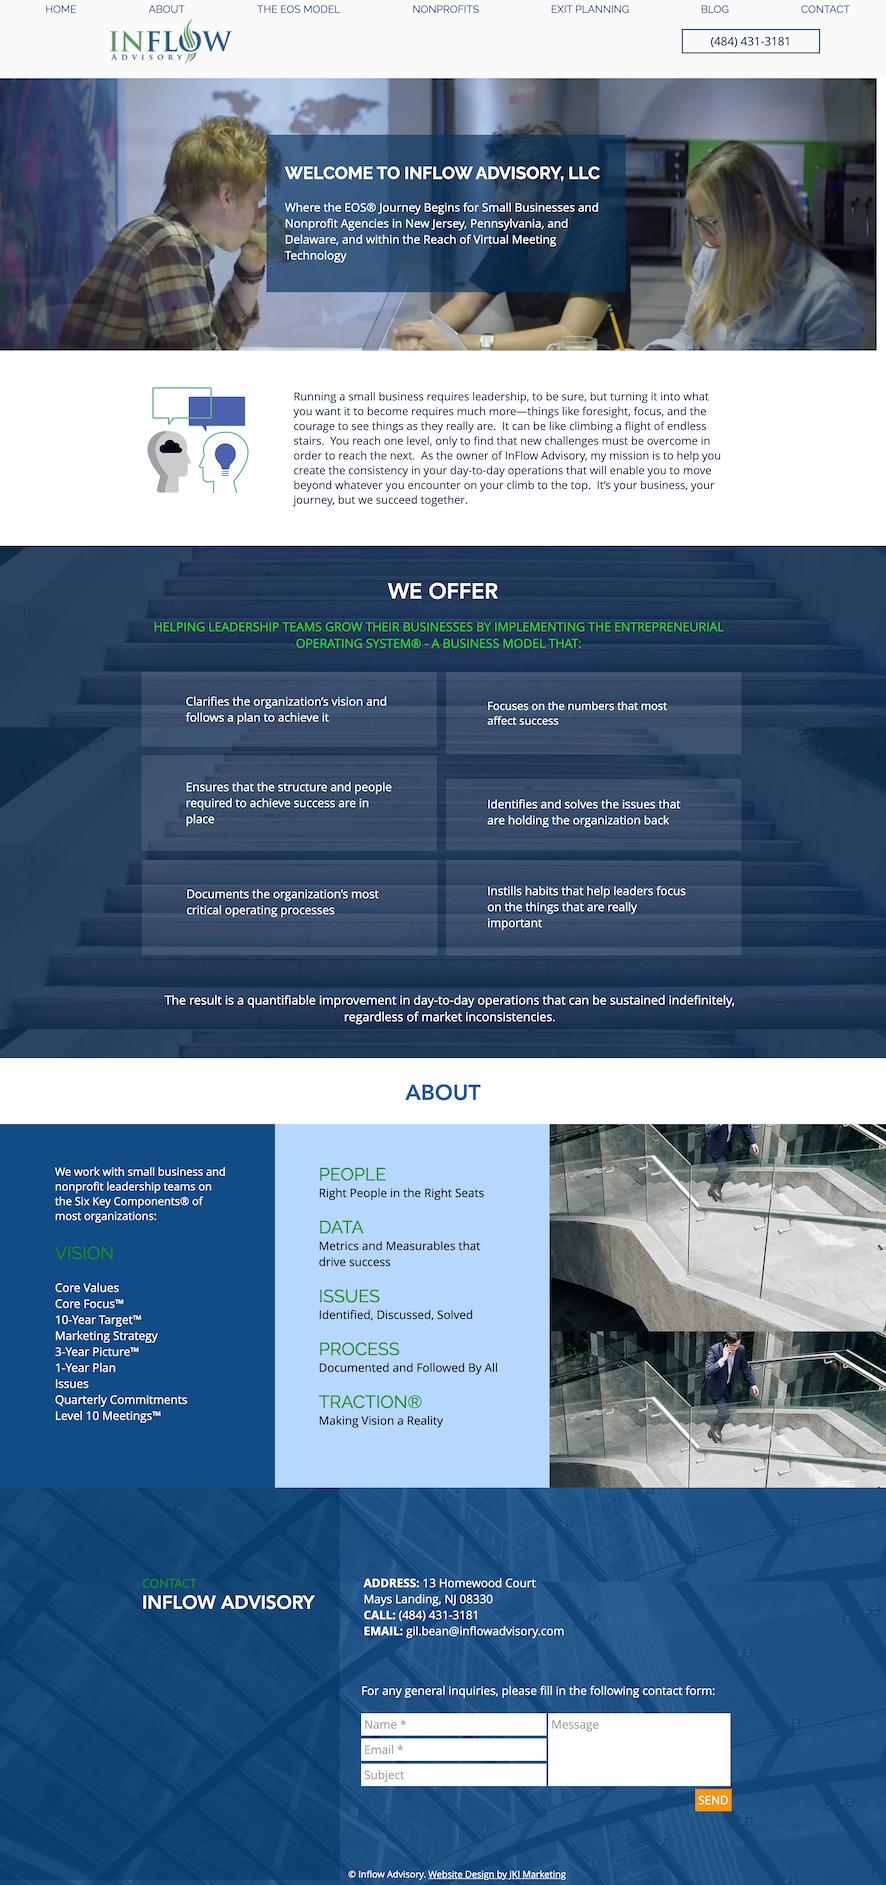 Web design for Inflow Advisory, LLC in NJ